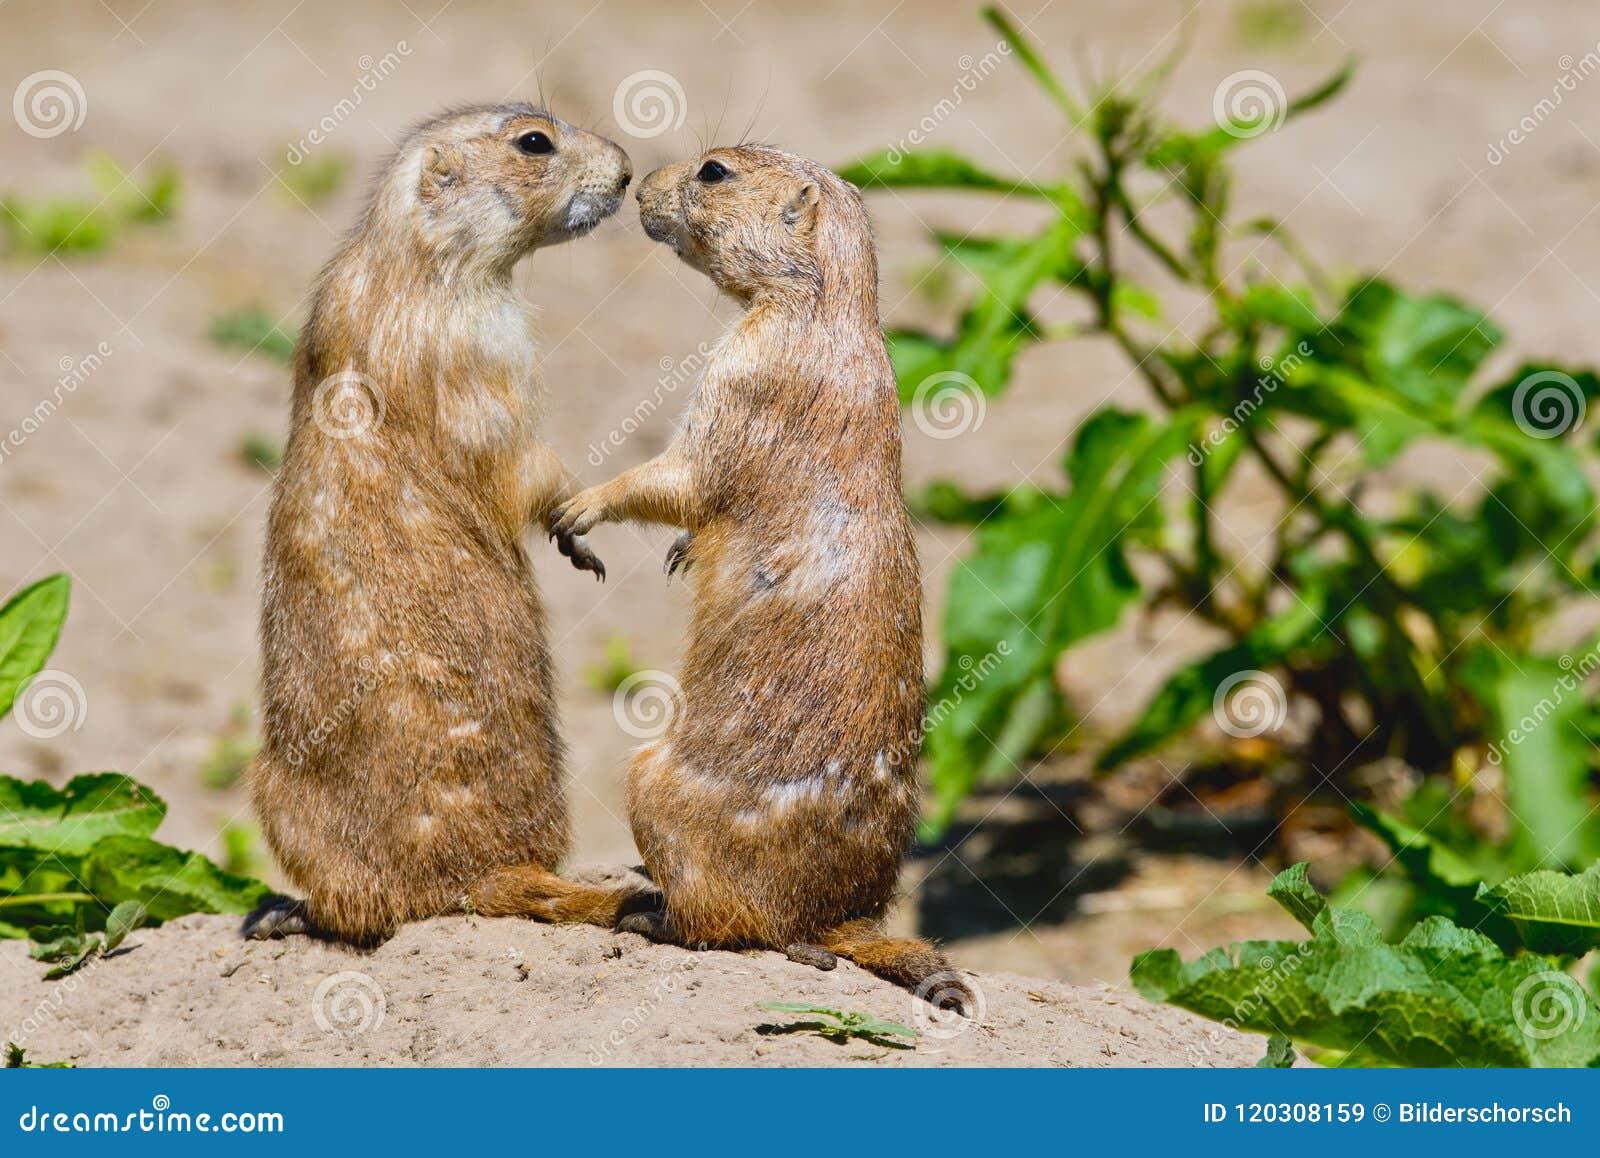 两只草原土拨鼠互相给一个亲吻